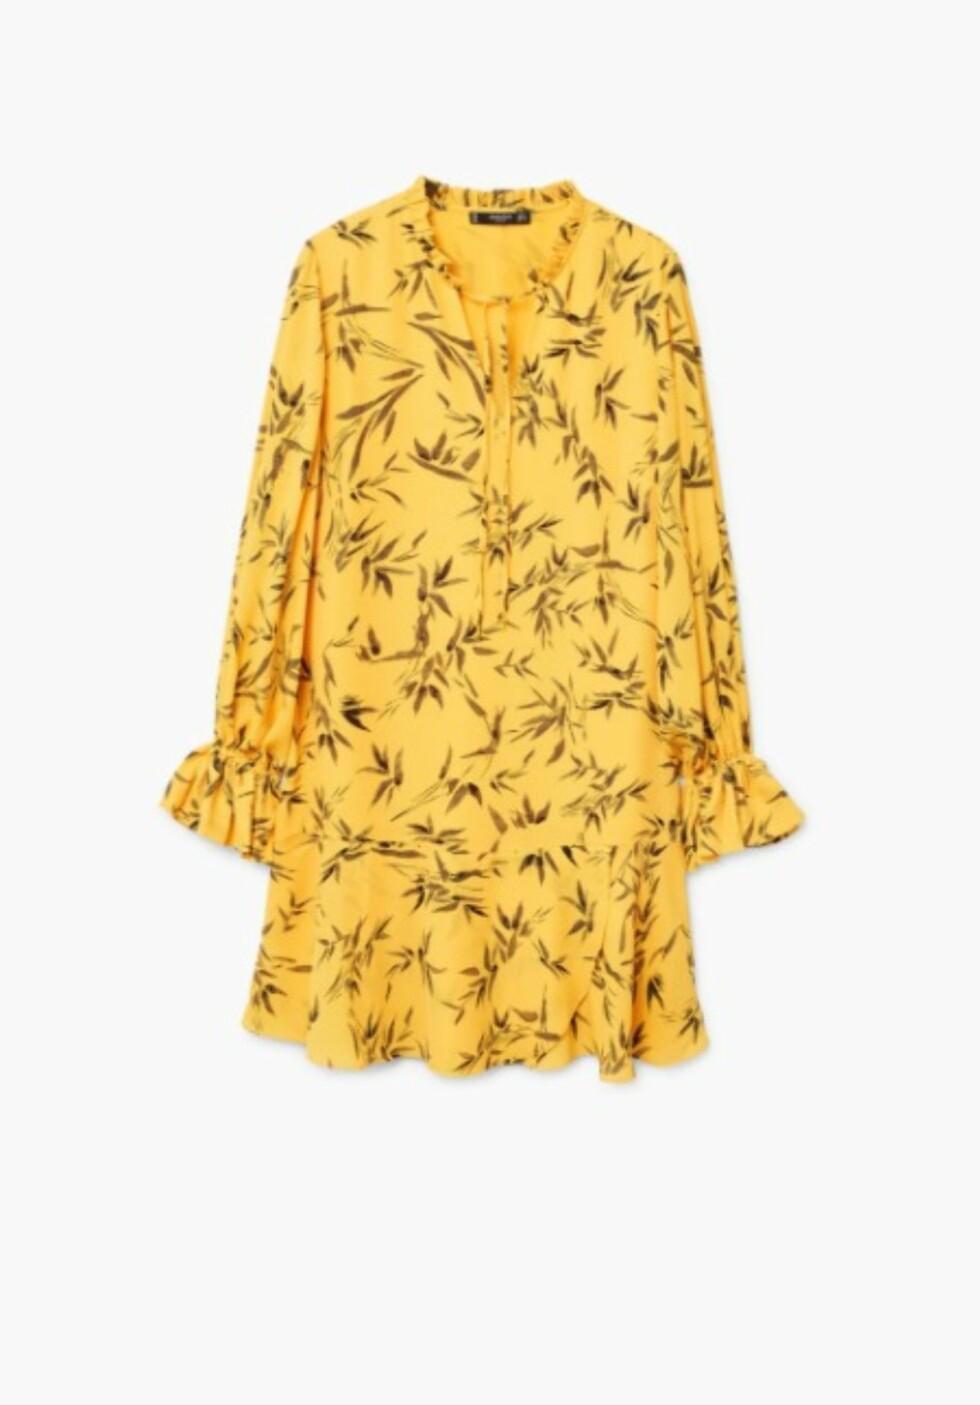 Kjole fra Mango |349,-| https://shop.mango.com/no/damer/kjoler-kort/m%C3%B8nstret-kjole-med-rysjer_13065698.html?c=15&n=1&s=prendas.familia;32&ts=1507547918645